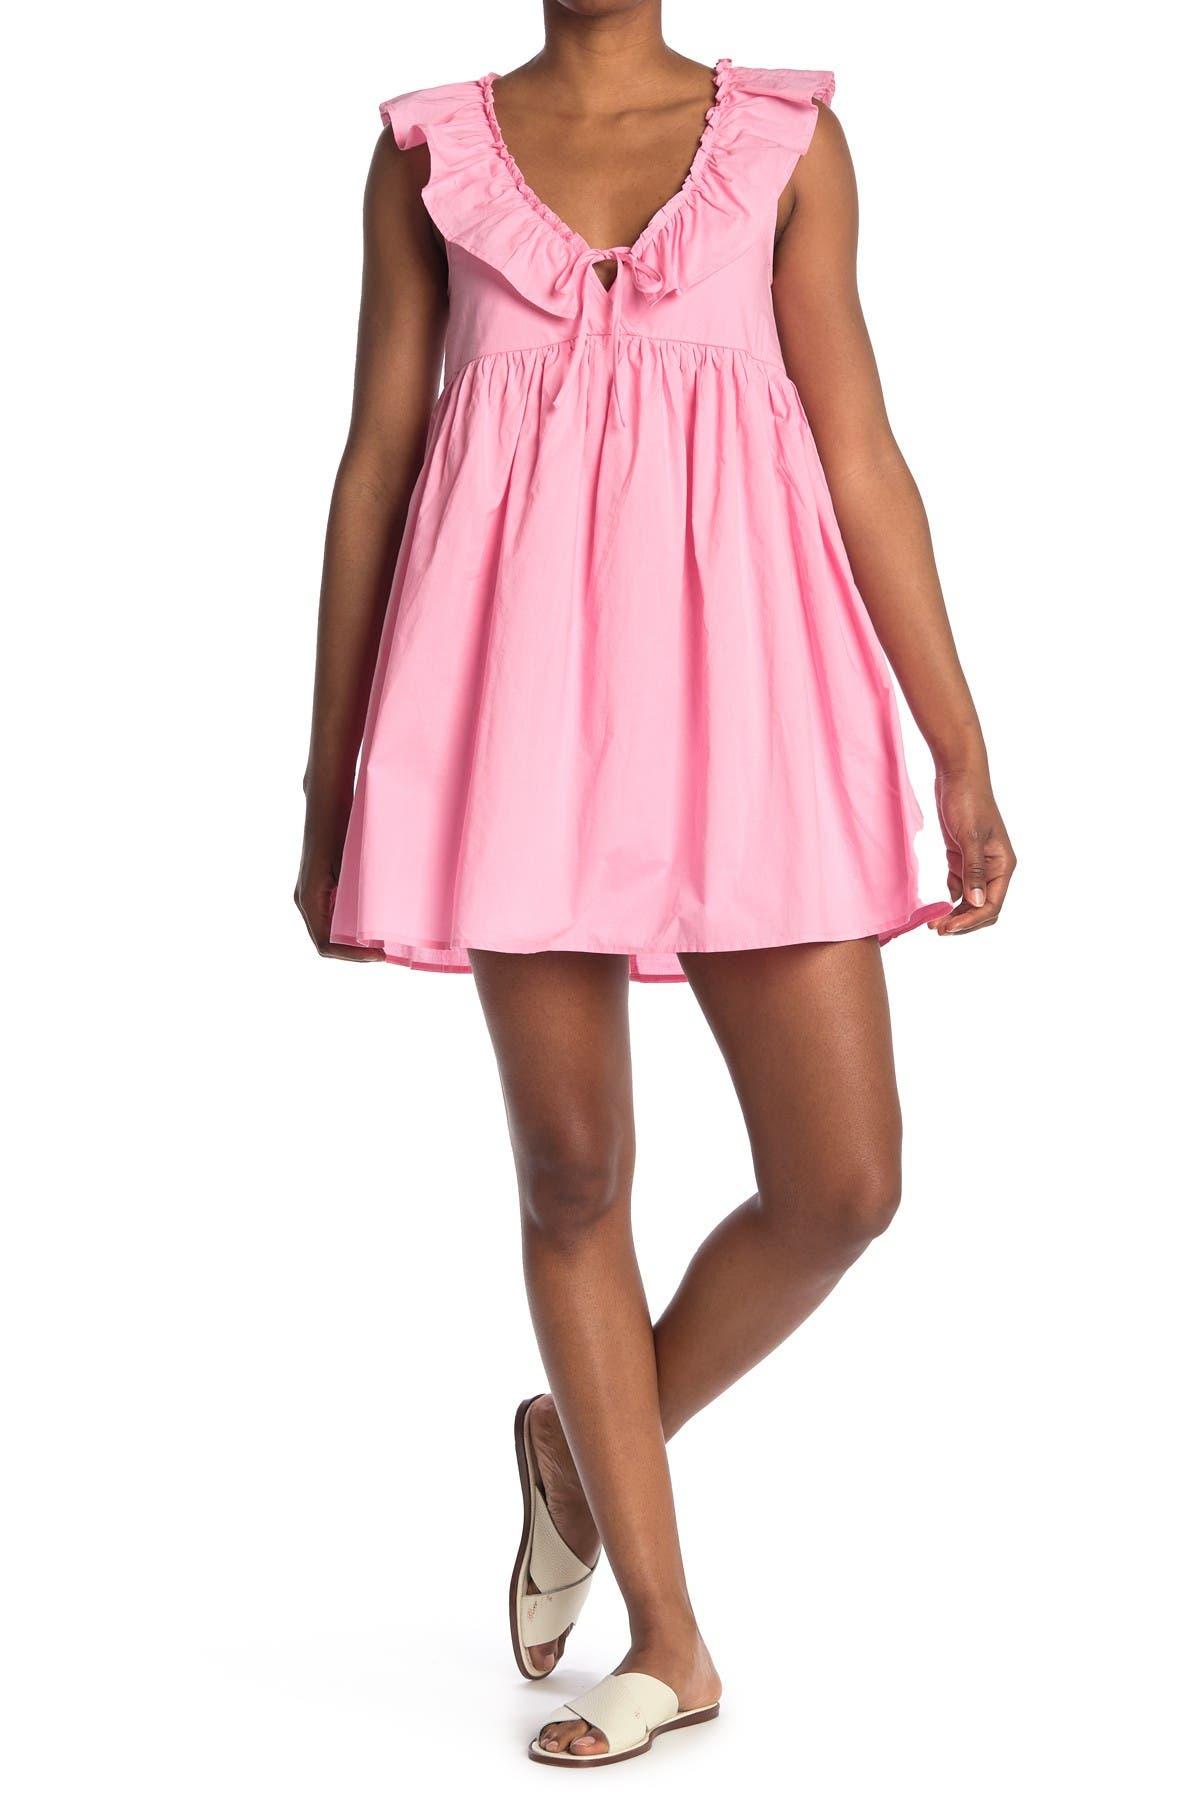 Image of ROW A Ruffled Empire Waist Babydoll Mini Dress